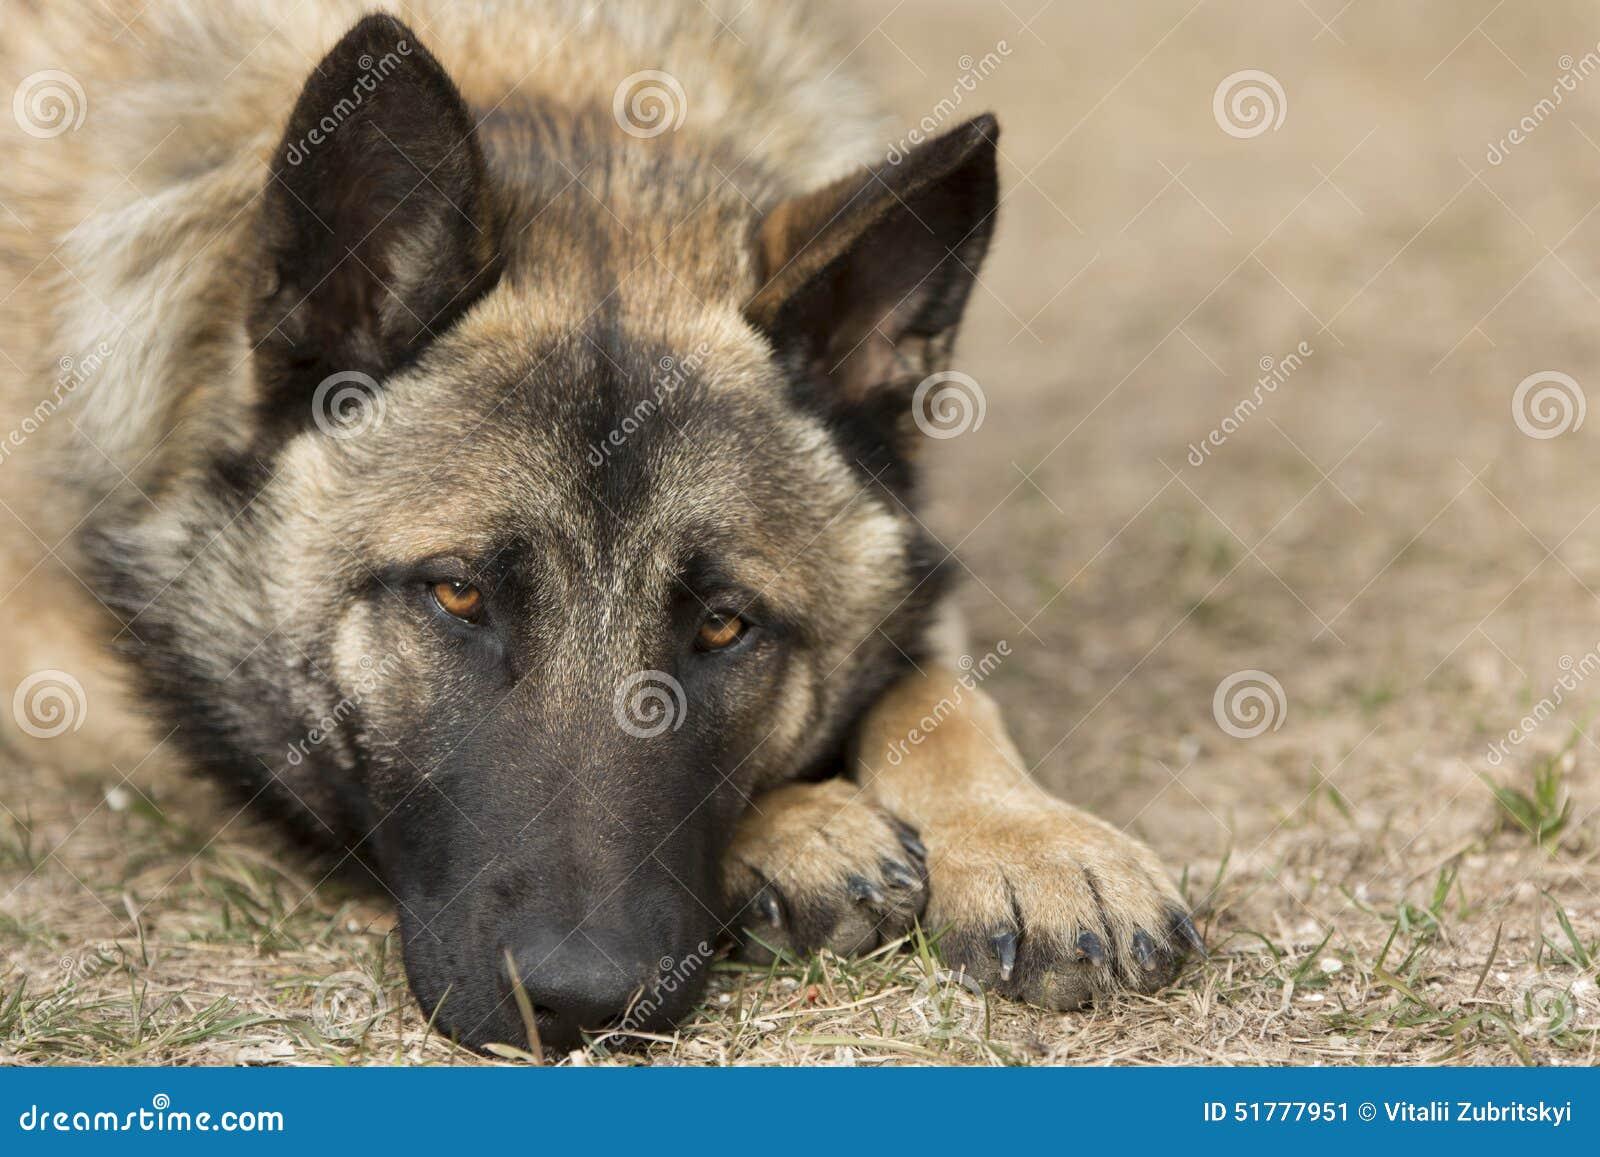 Yearning Dog